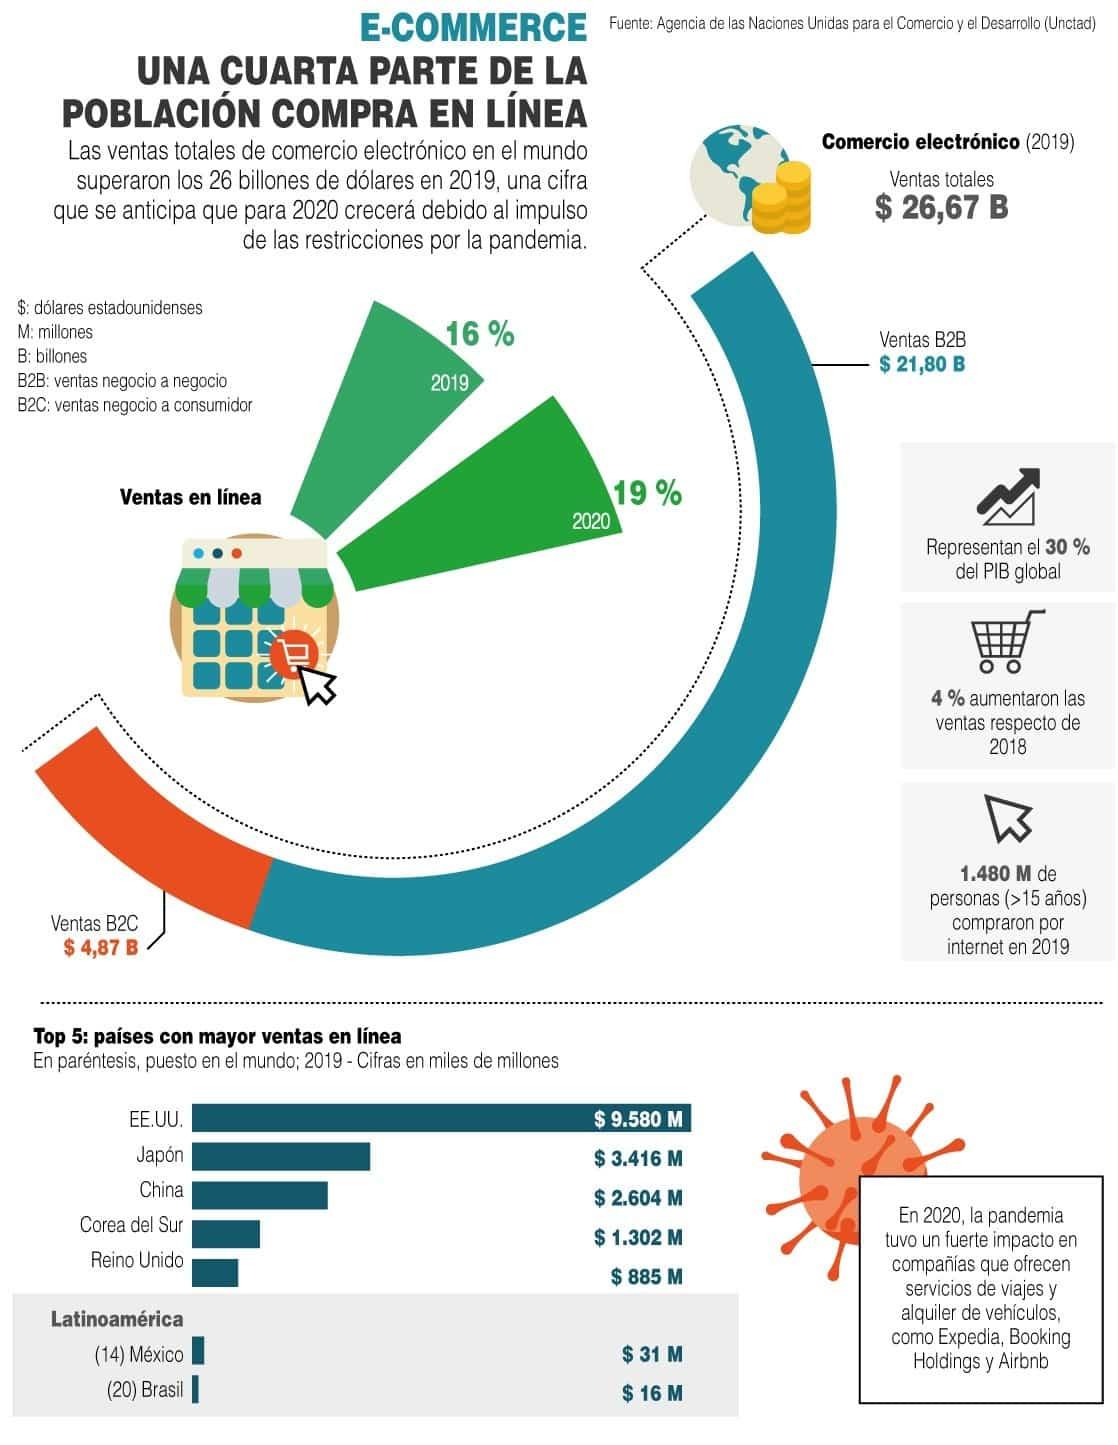 [Infografía] E-commerce: Una cuarta parte de la población compra en línea 1